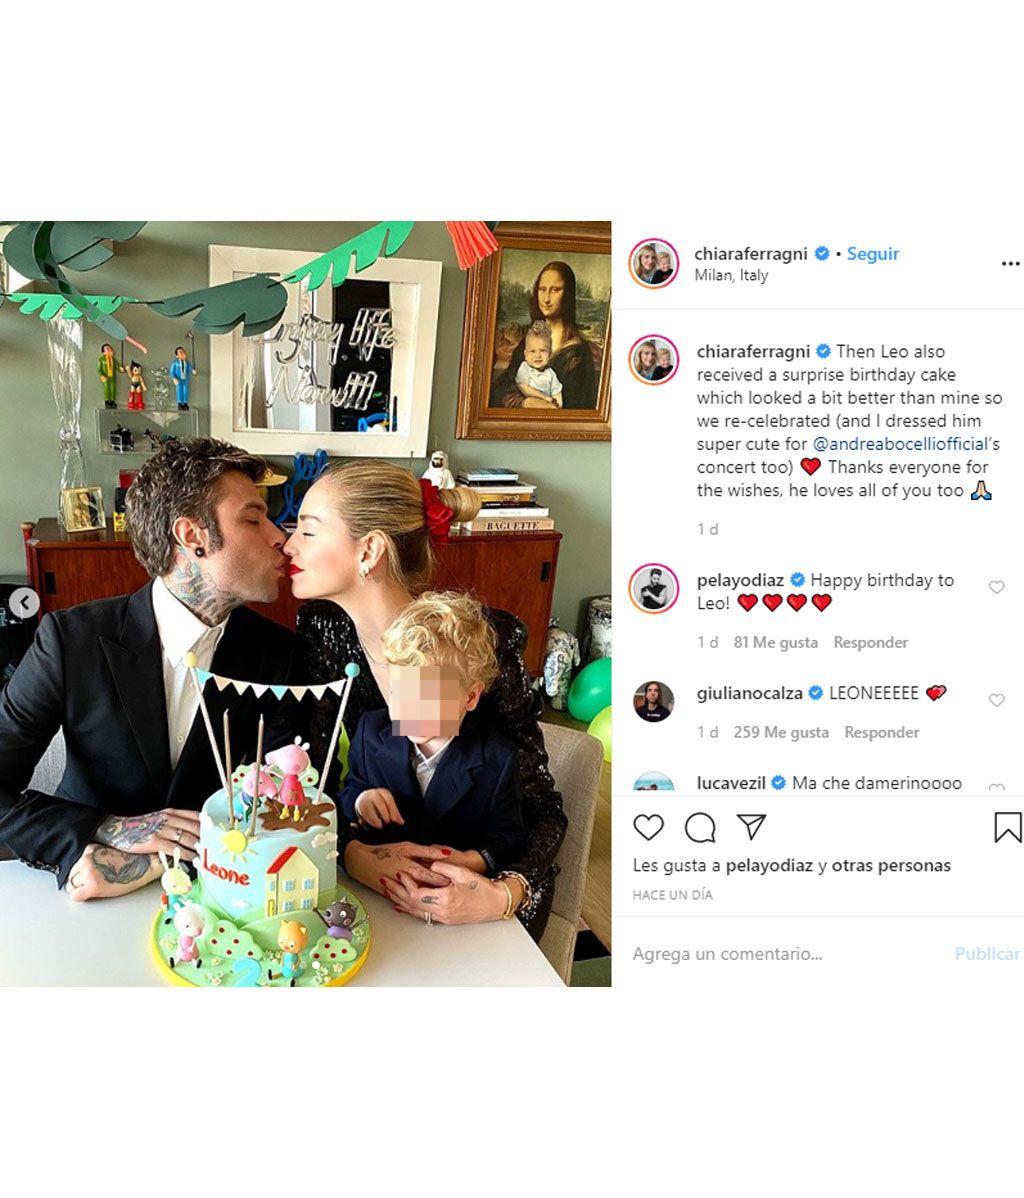 Chiara Ferragni celebra el cumpleaños de su hijo en casa durante la cuarentena